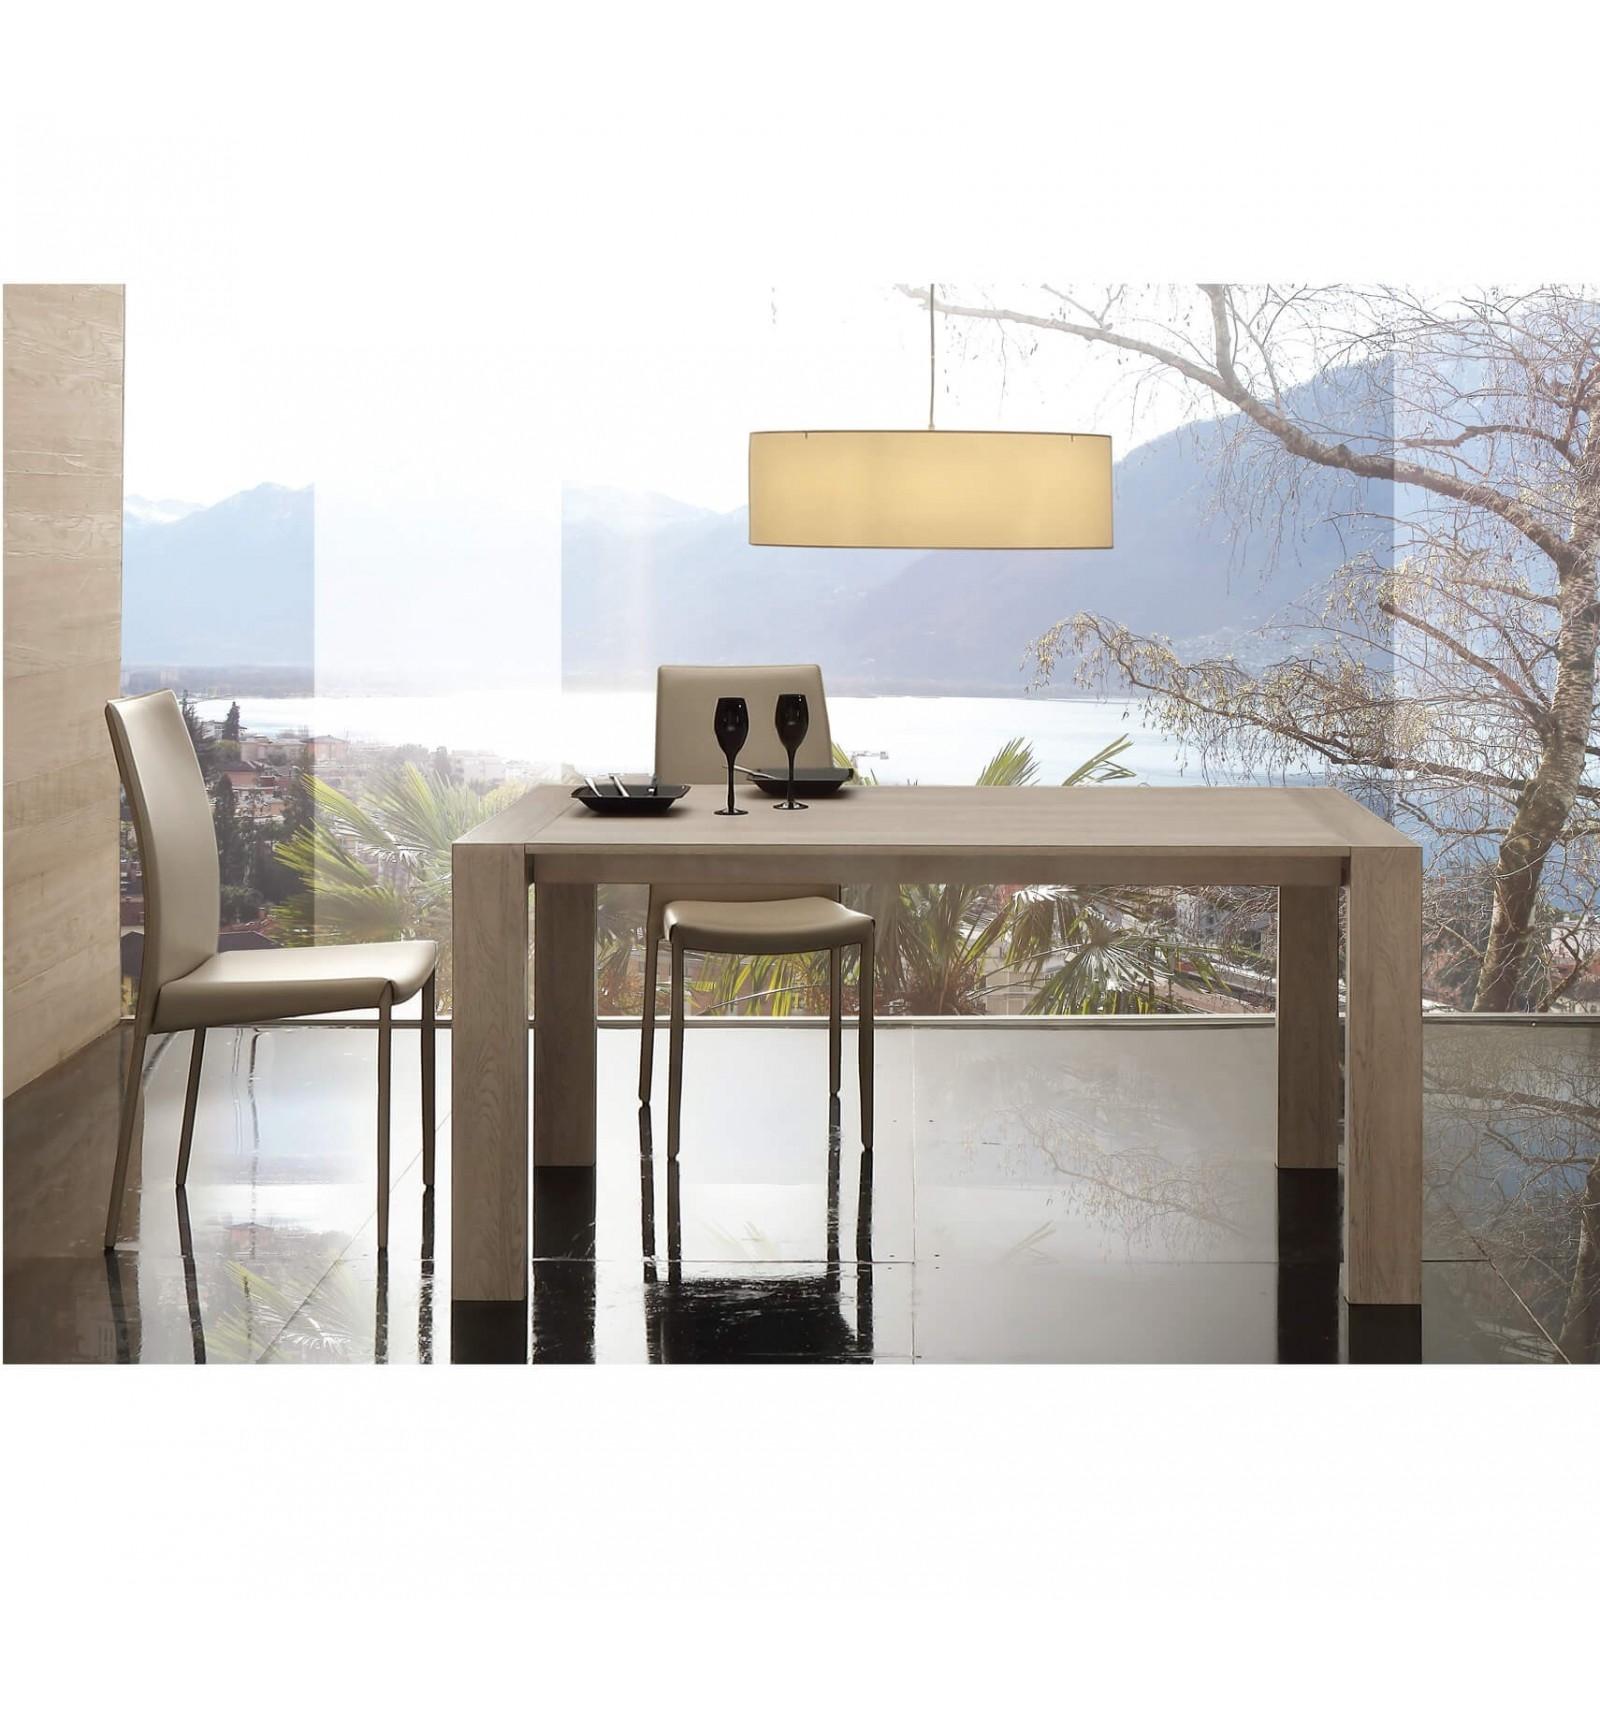 Tavoli quadrati moderni awesome tavolini soggiorno design for Tavoli quadrati allungabili per cucina